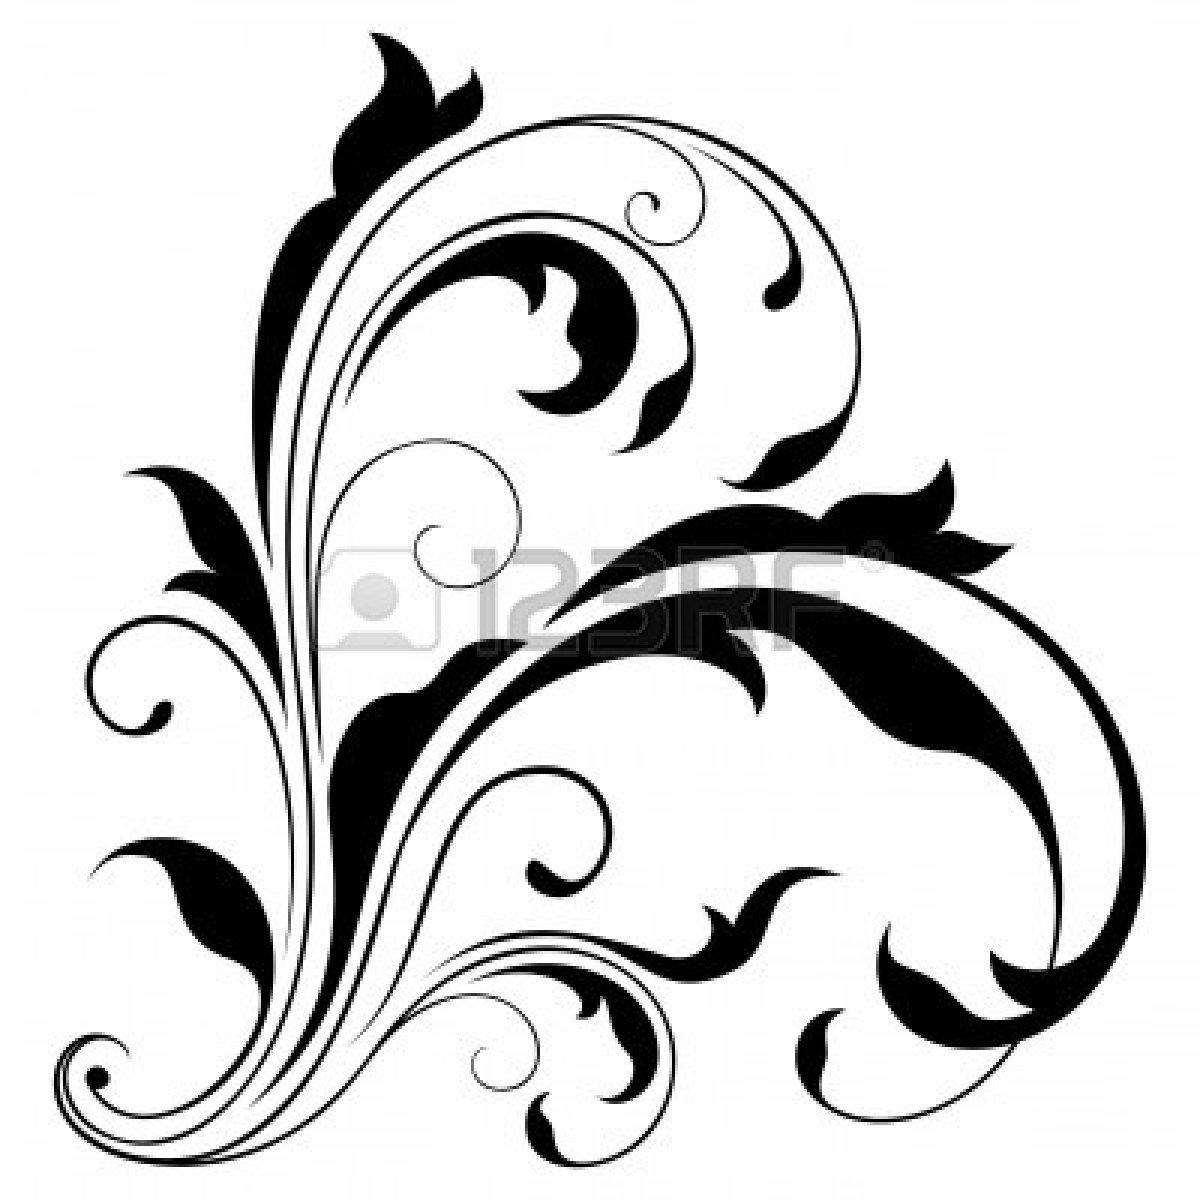 Corner Swirls Design Clipart Panda